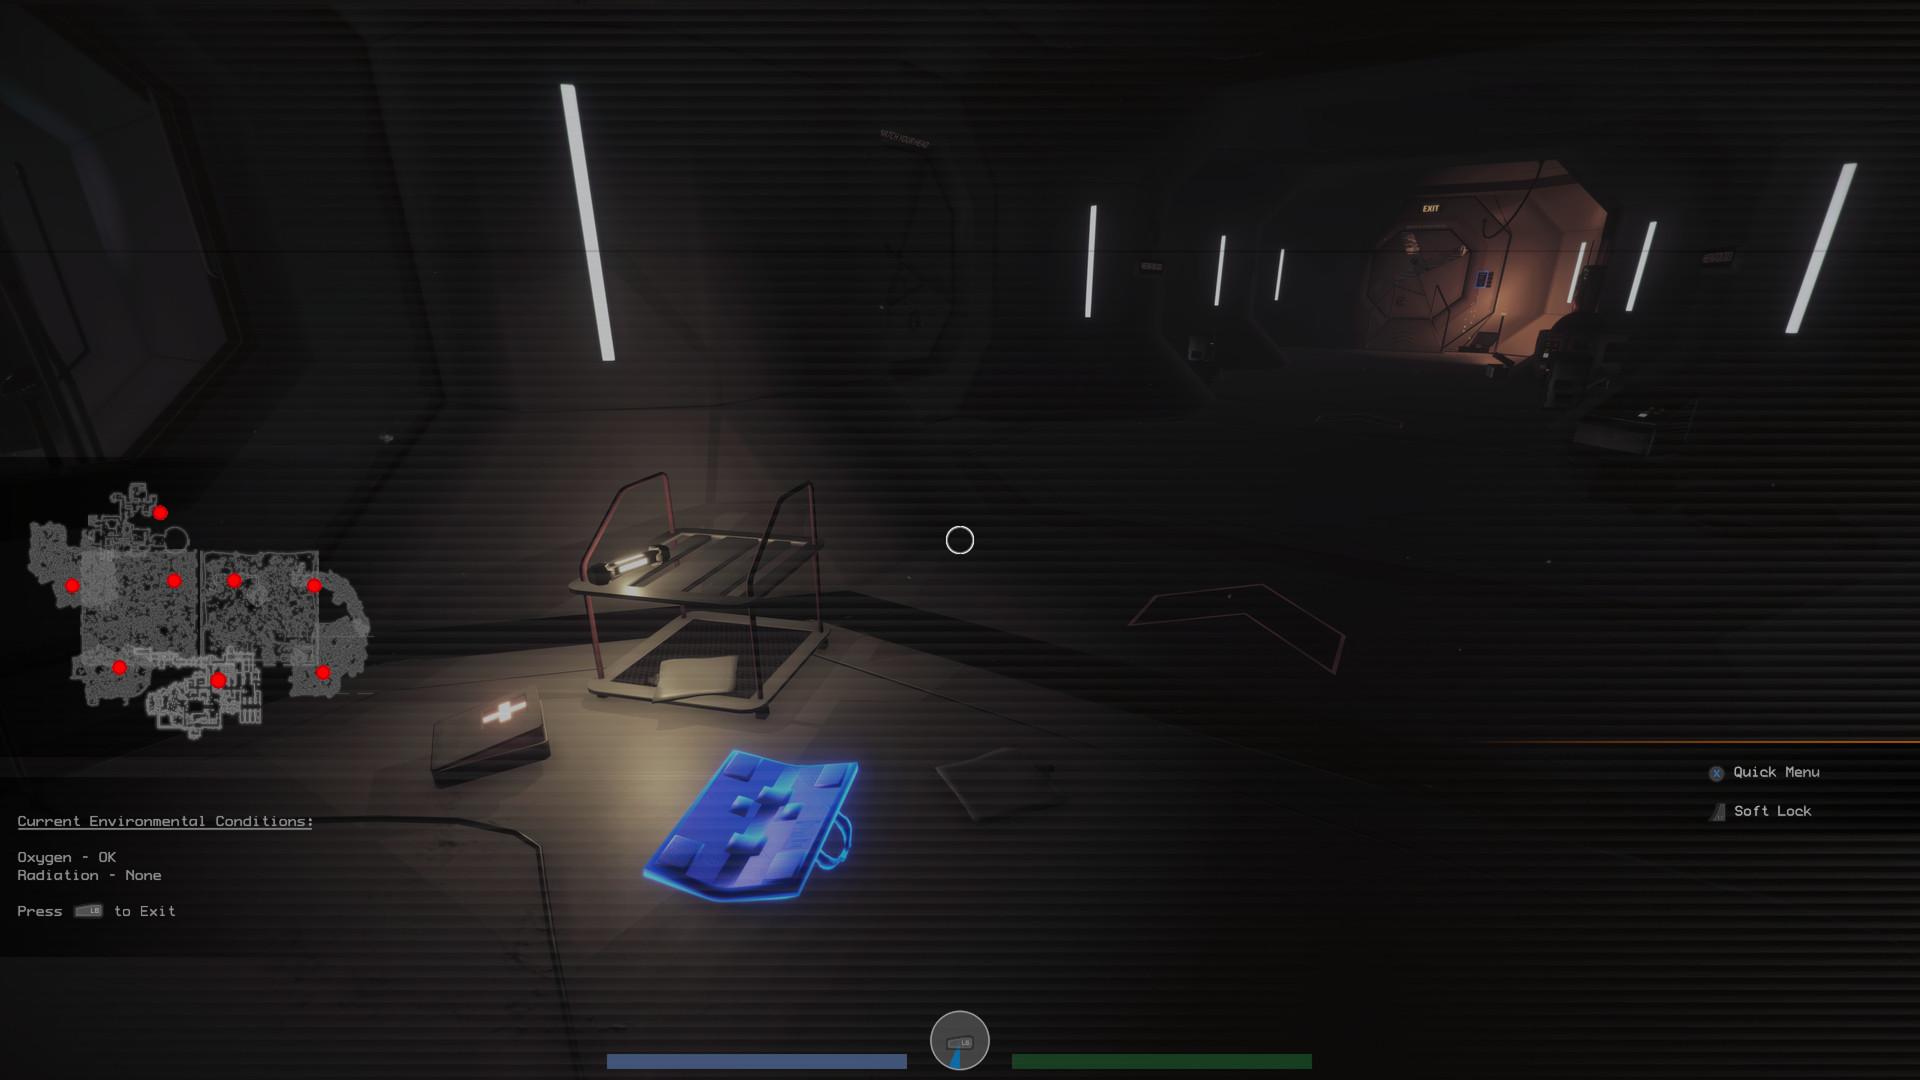 HEVN Screenshot 3